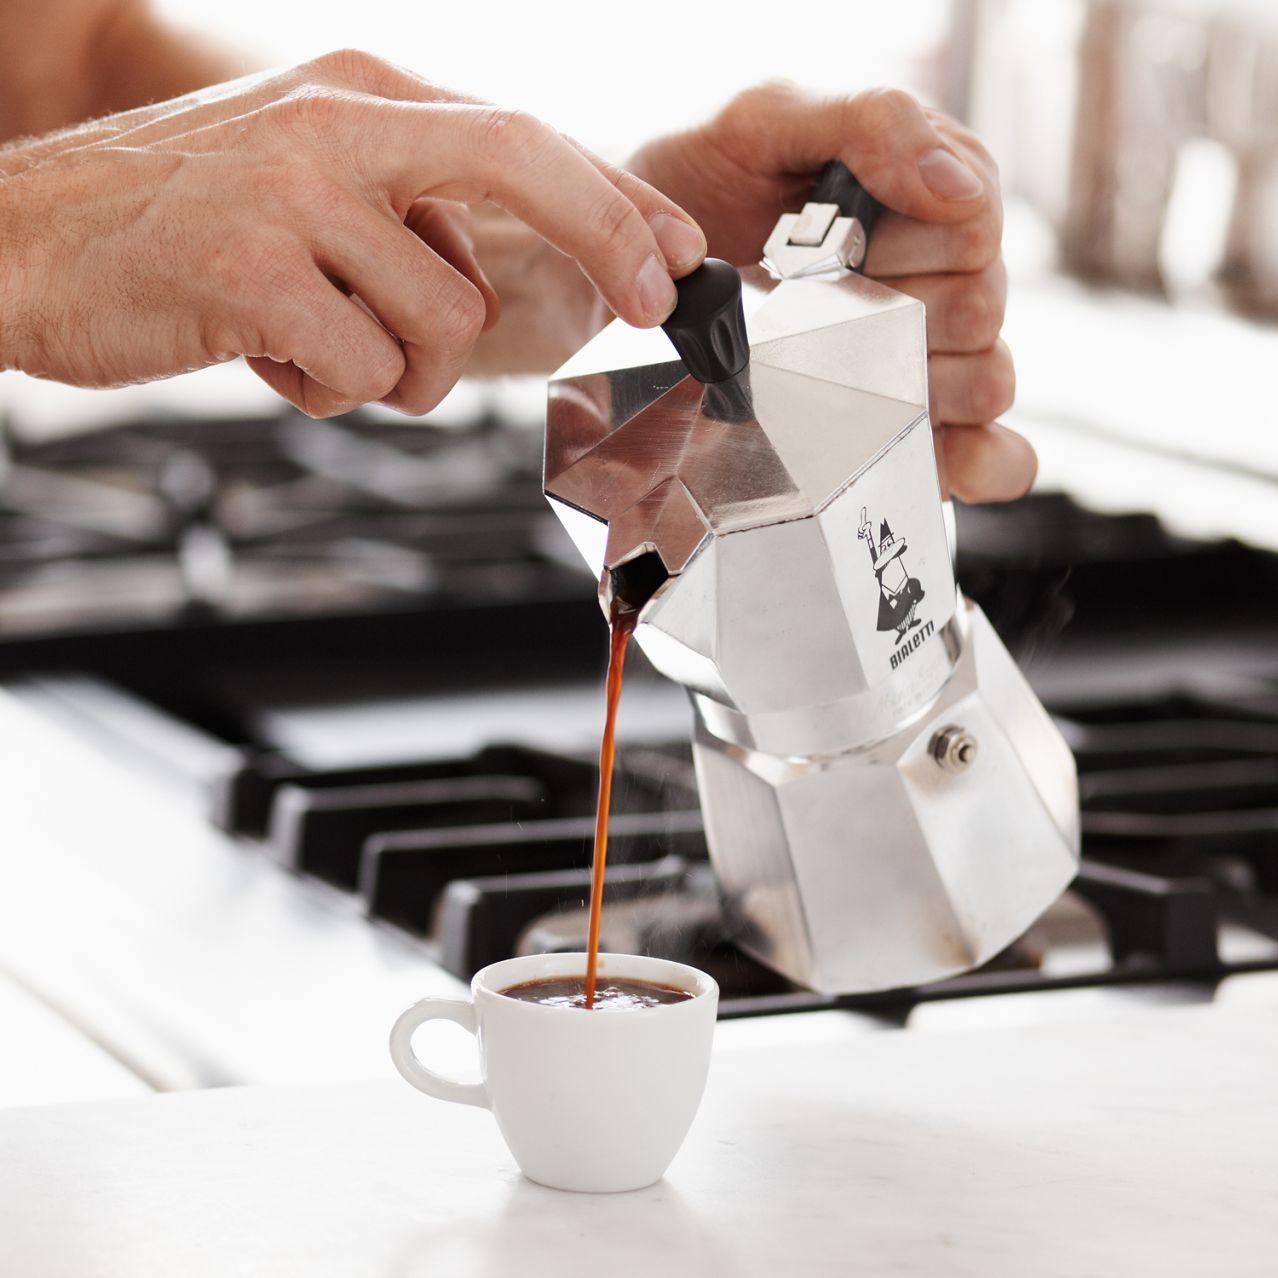 Cu l es la mejor cafetera italiana el calor cafetera y - Mejor cafetera express para casa ...